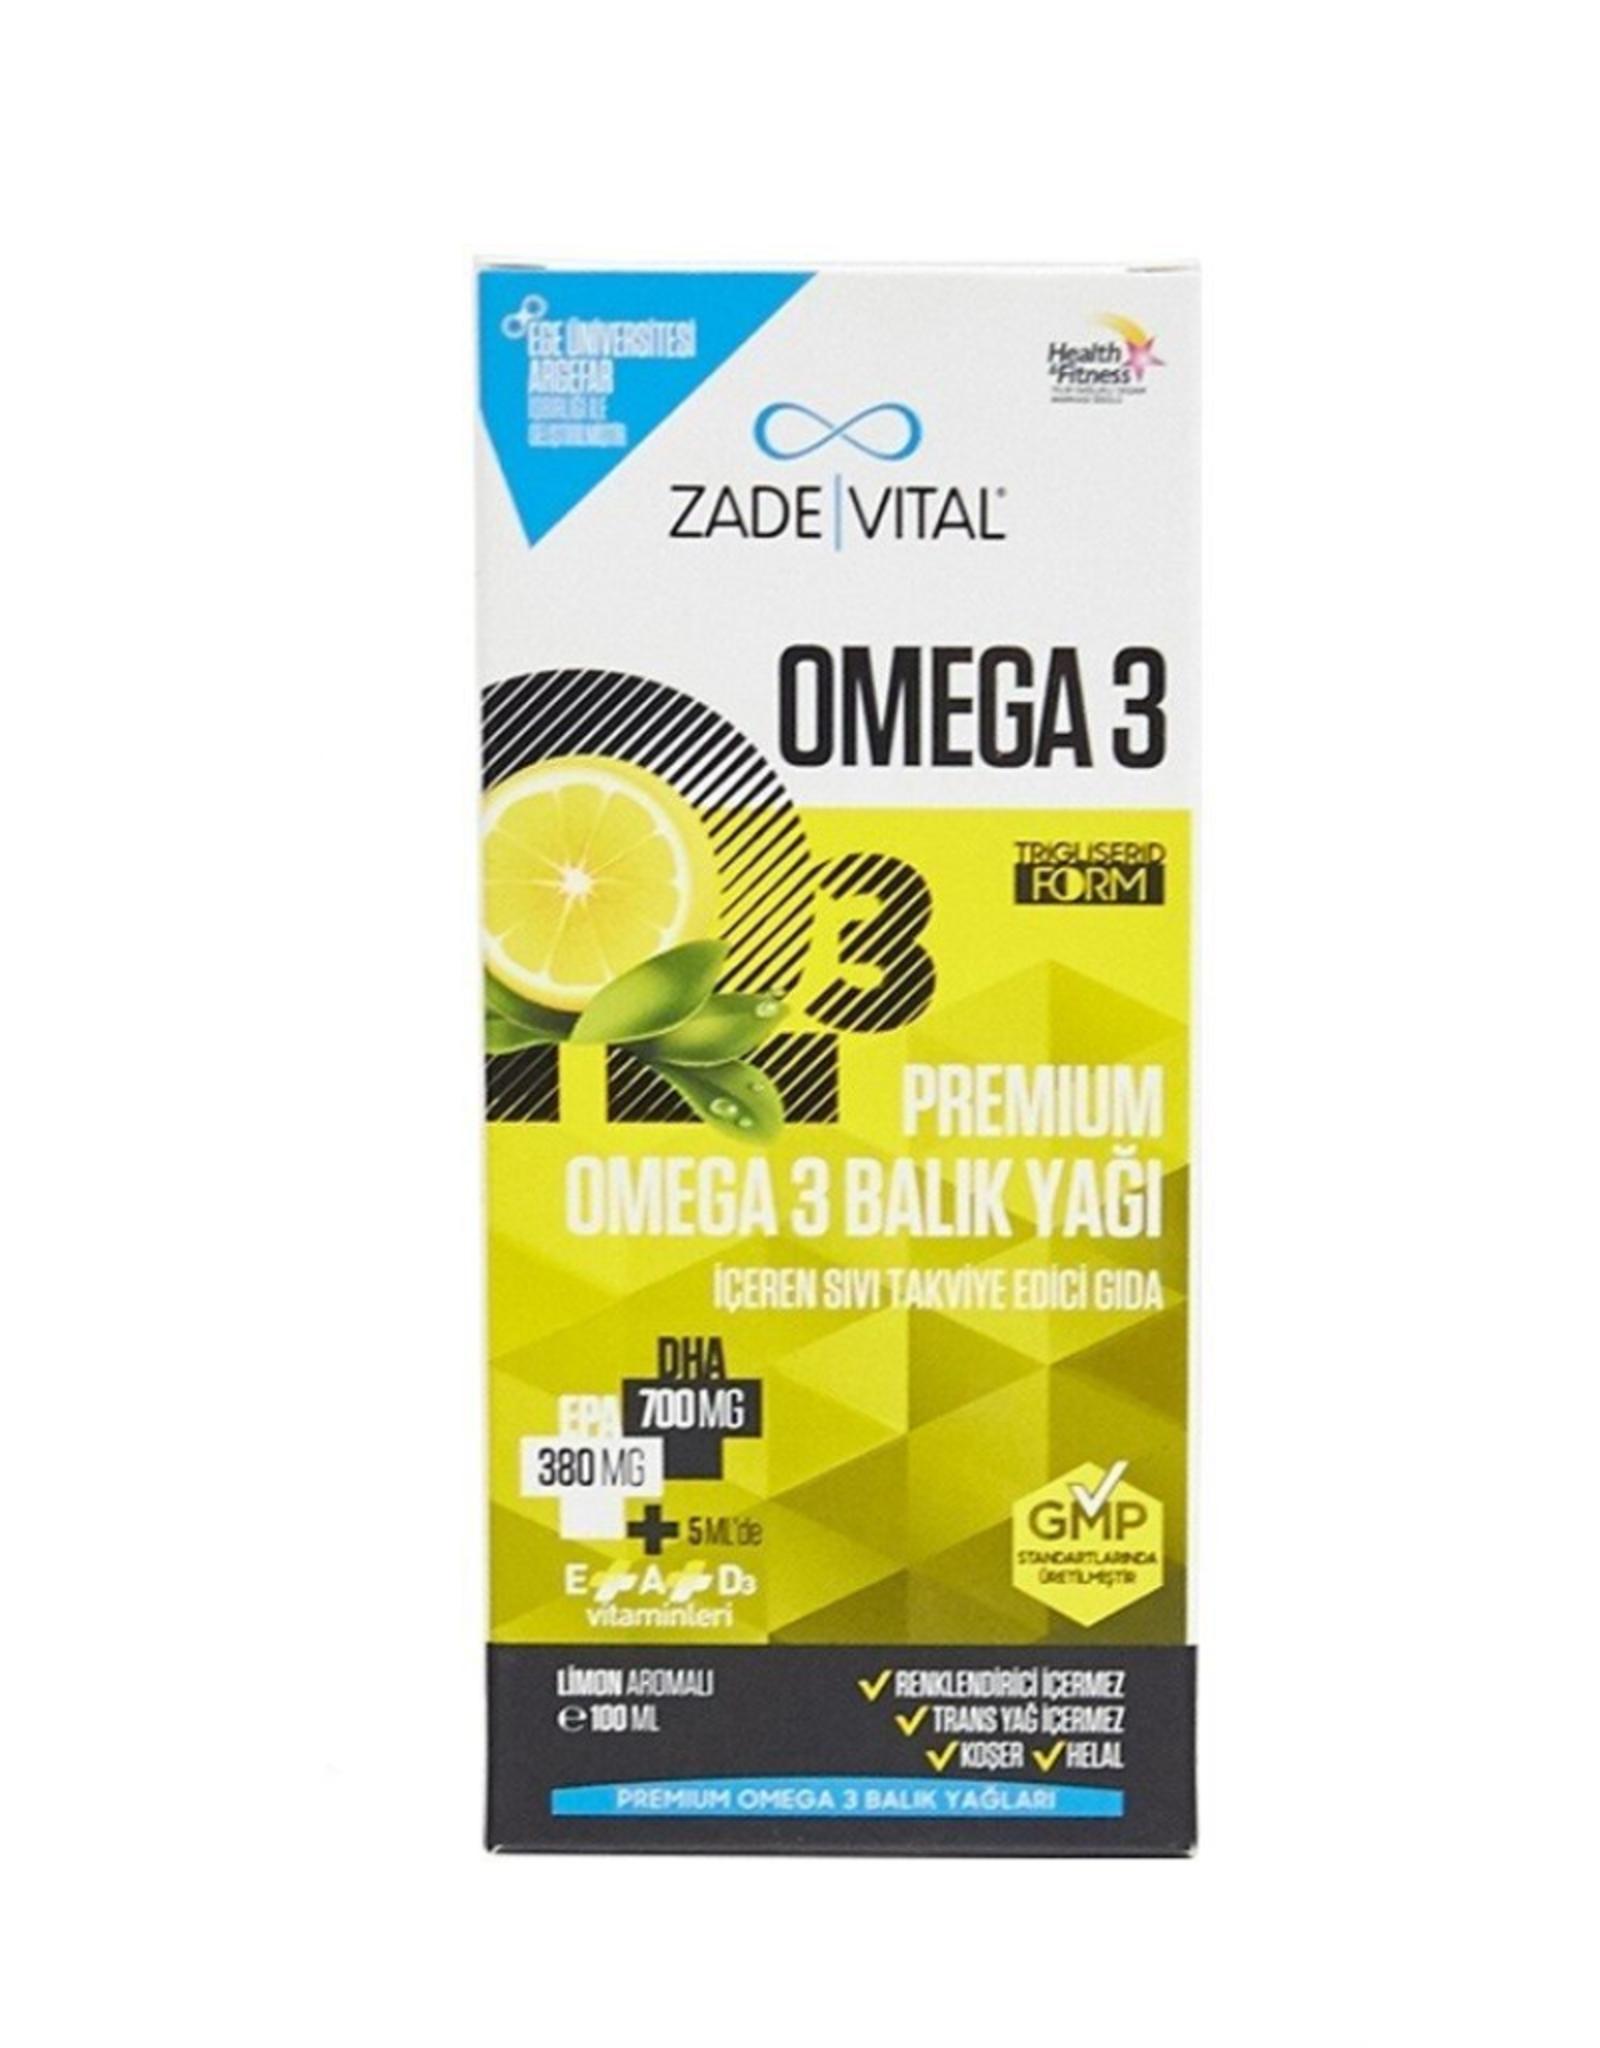 Zade Vital Zade Vital Çoçuklar için Omega 3 Balık Yağı Şurubu 100 ml Limon Aromalı